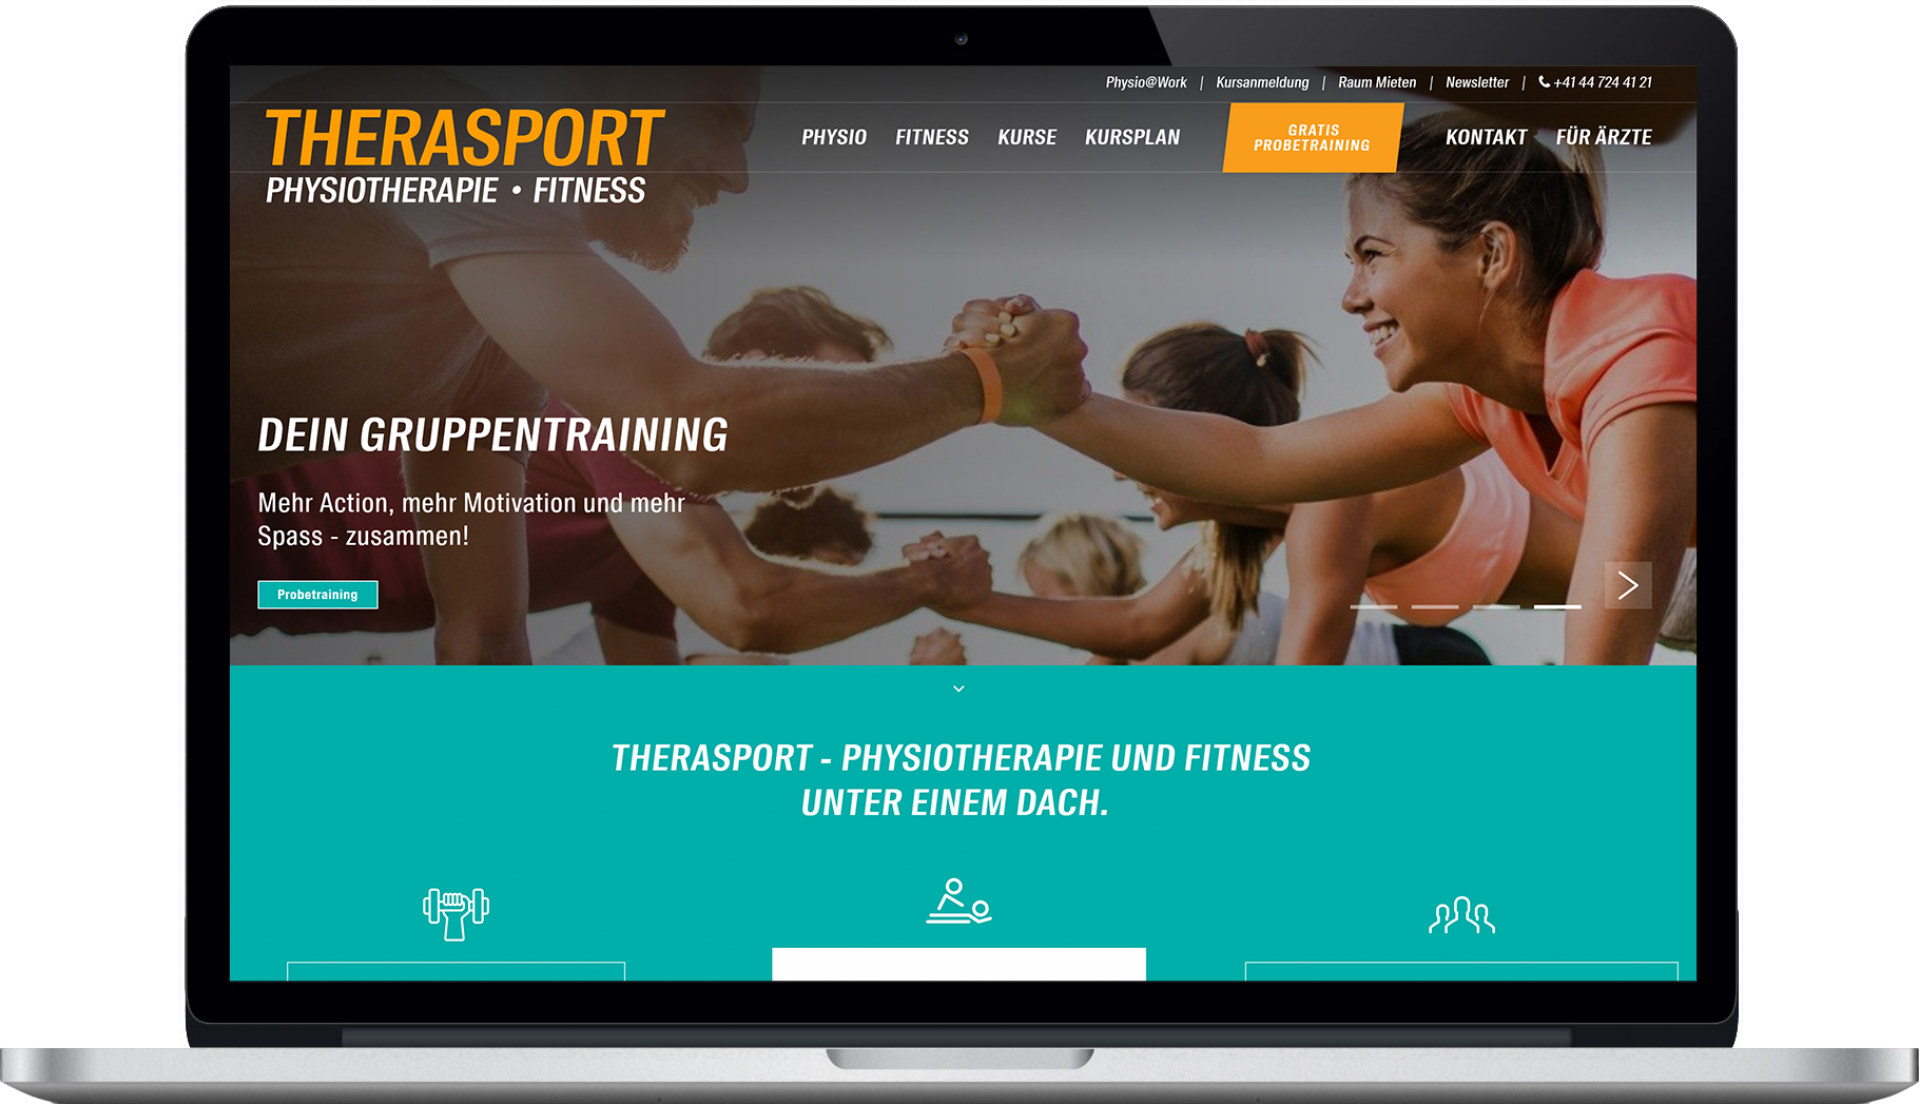 Therasport Homepage Design Desktop